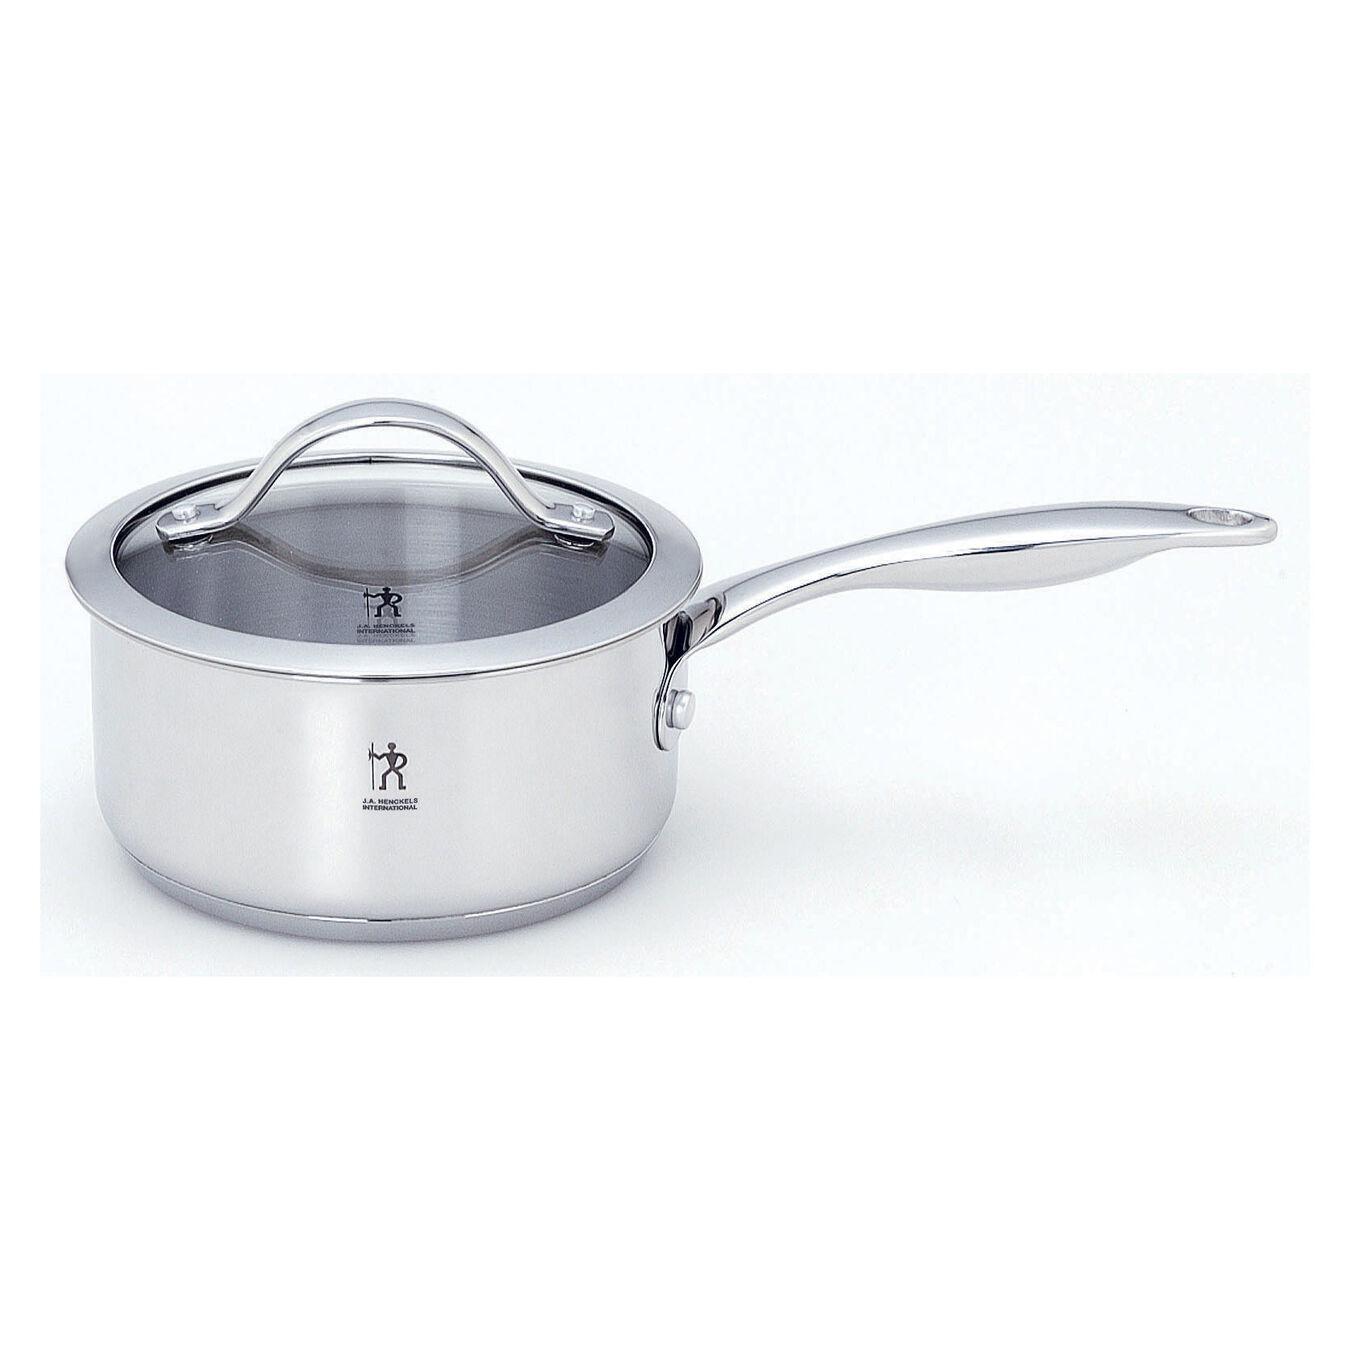 10-pcs 18/10 Stainless Steel Ensemble de casseroles et poêles,,large 4